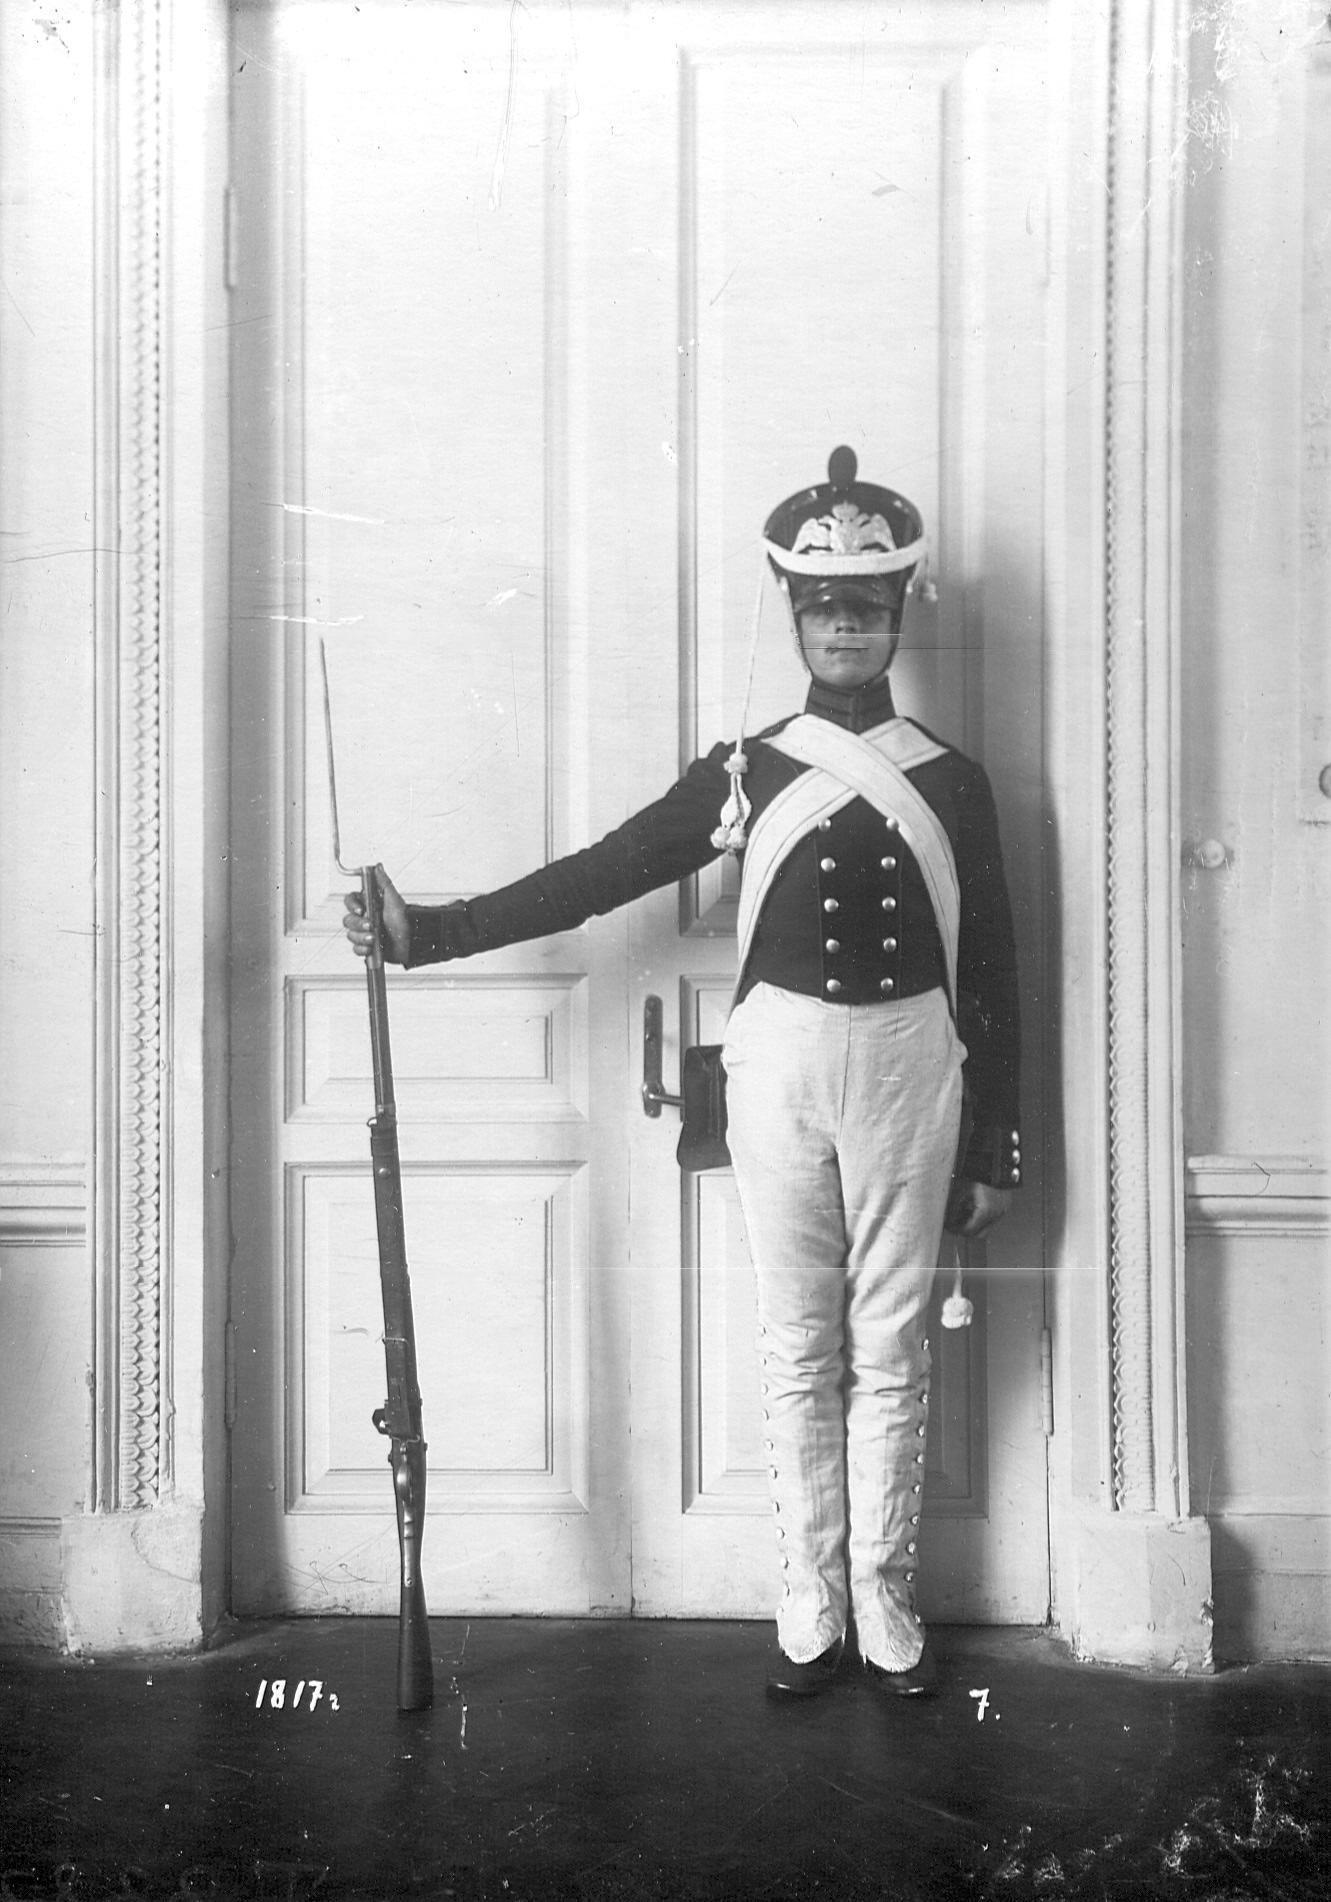 Сапер батальона в форме образца 1817 года.